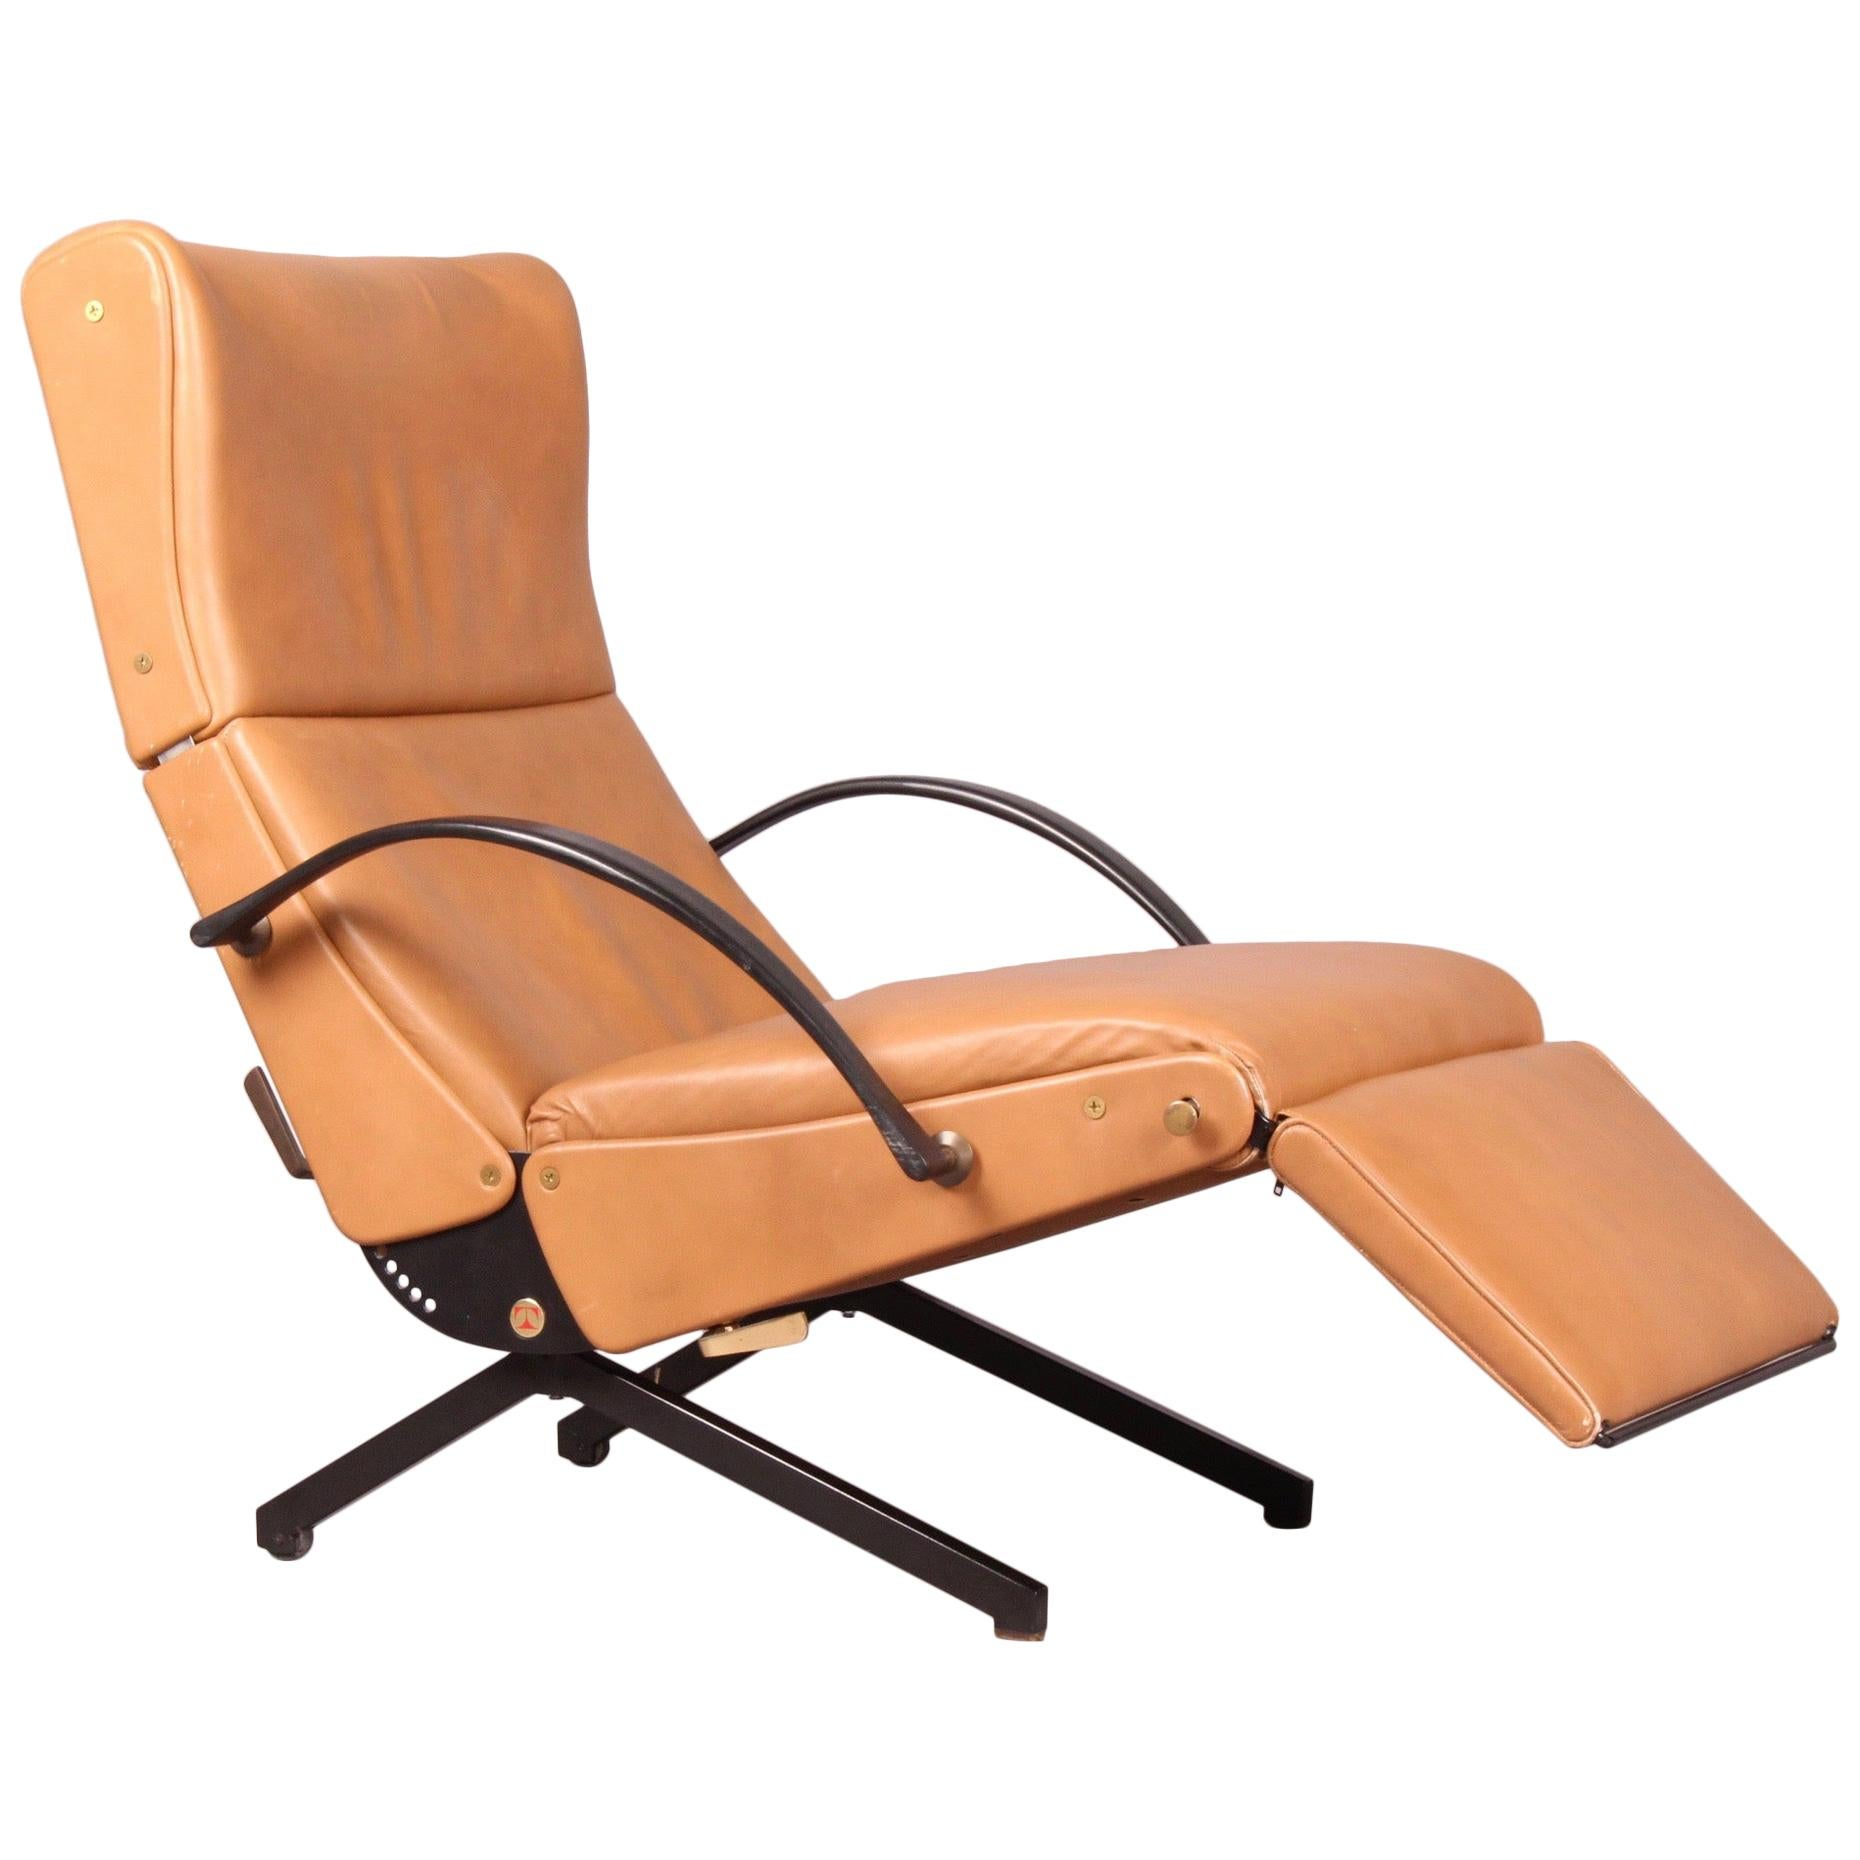 P40 Chair